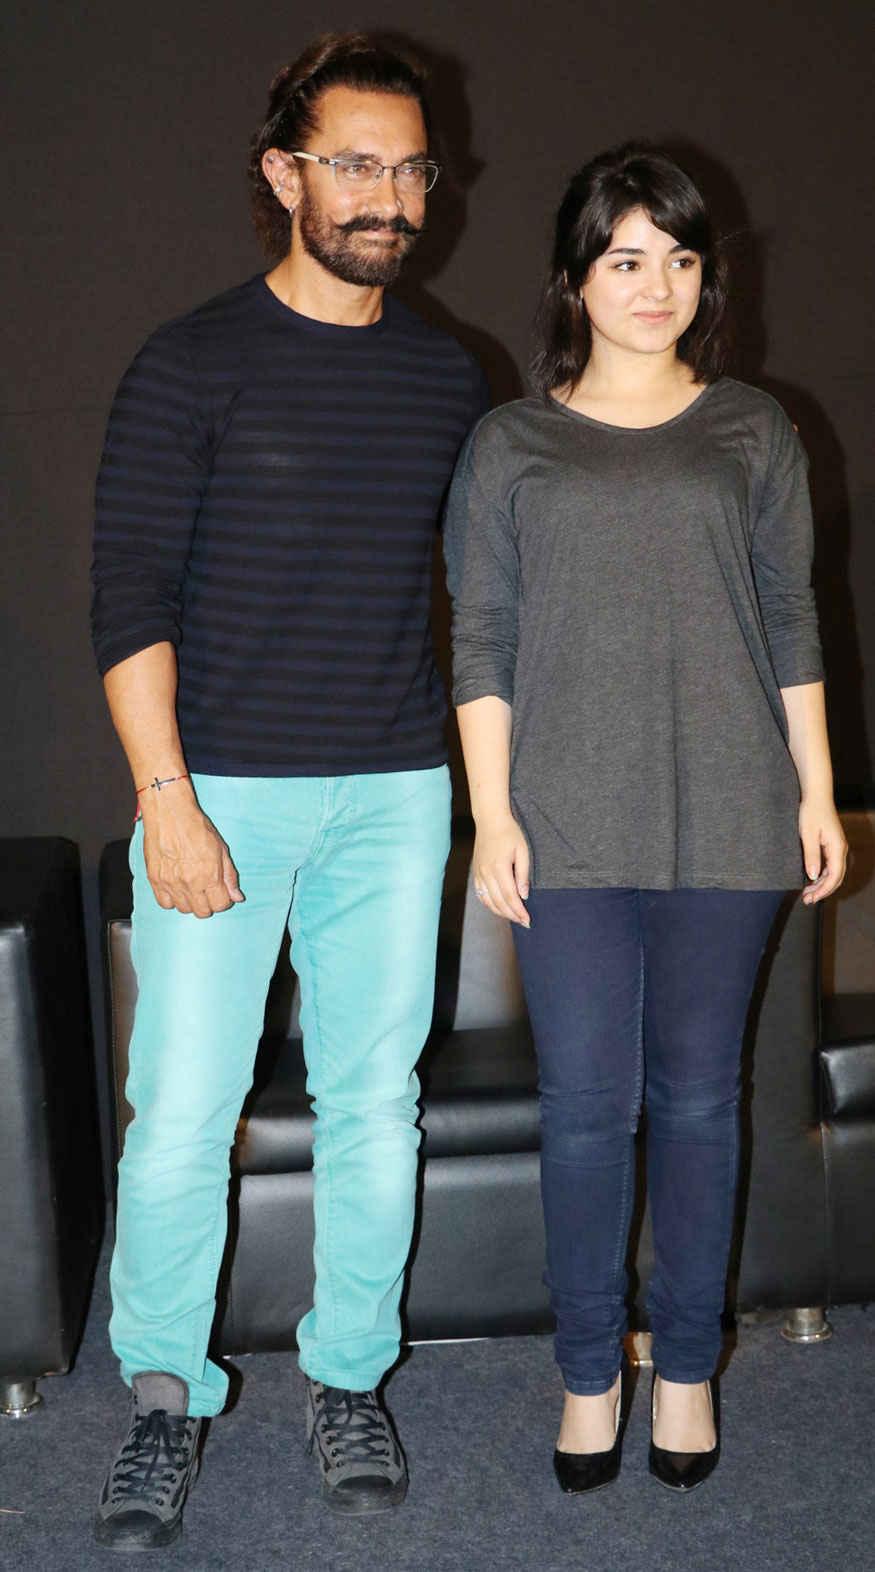 Aamir Khan Launches Trailer of Secret Superstar Film